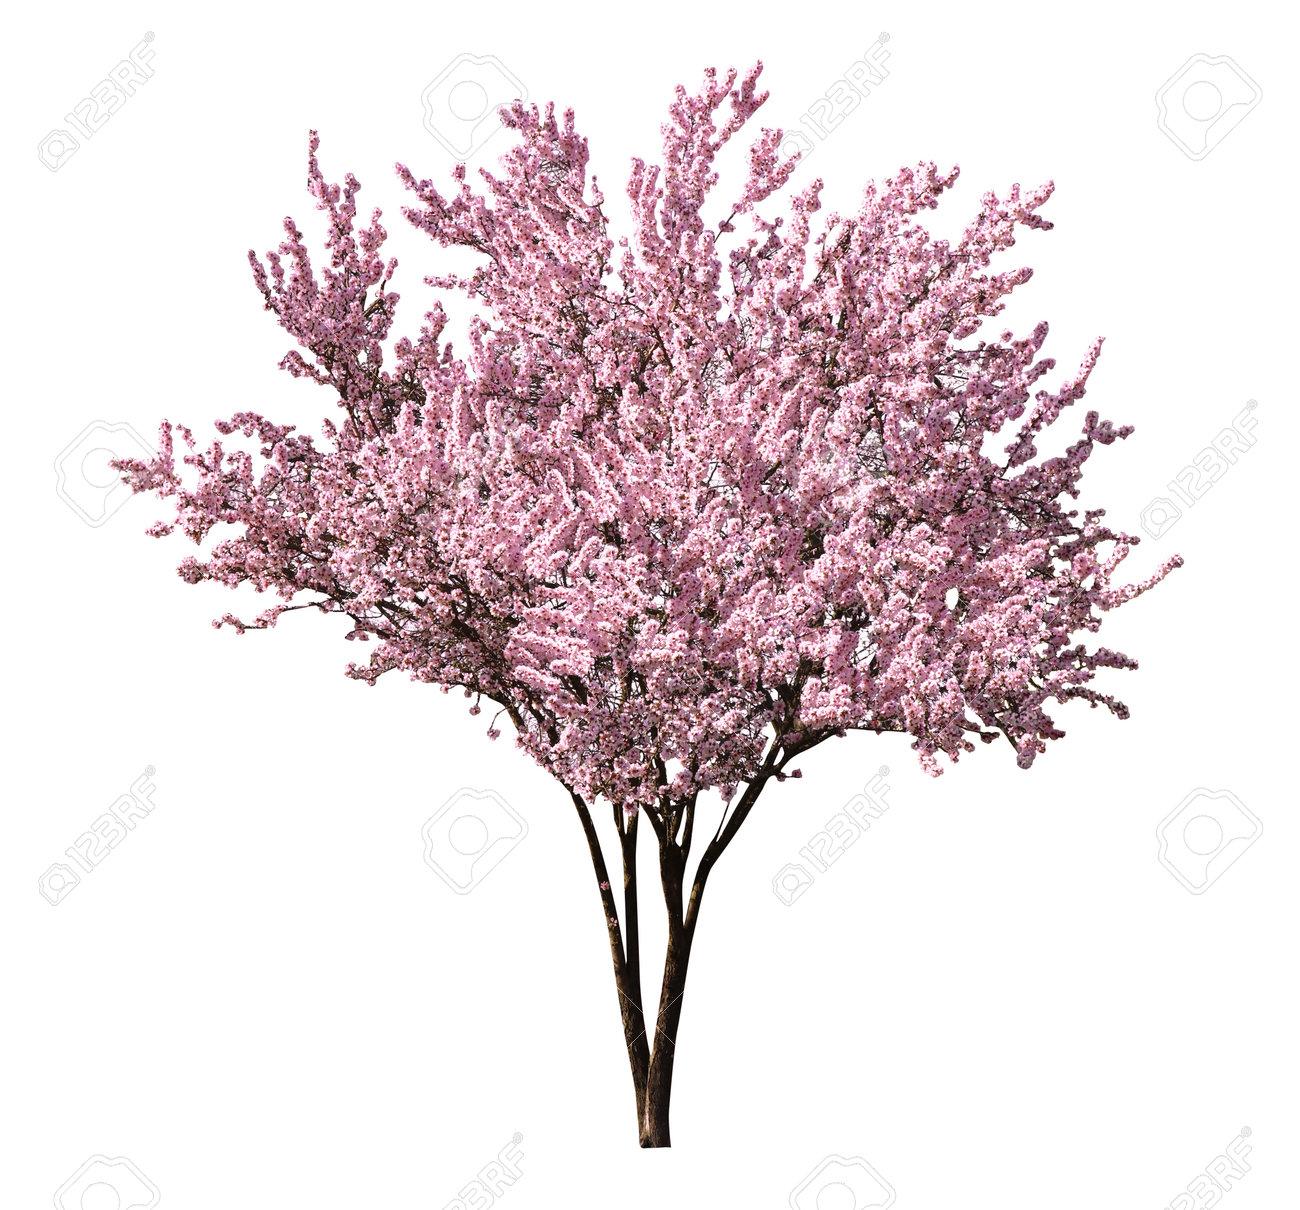 Beautiful blossoming sakura tree on white background - 169084389